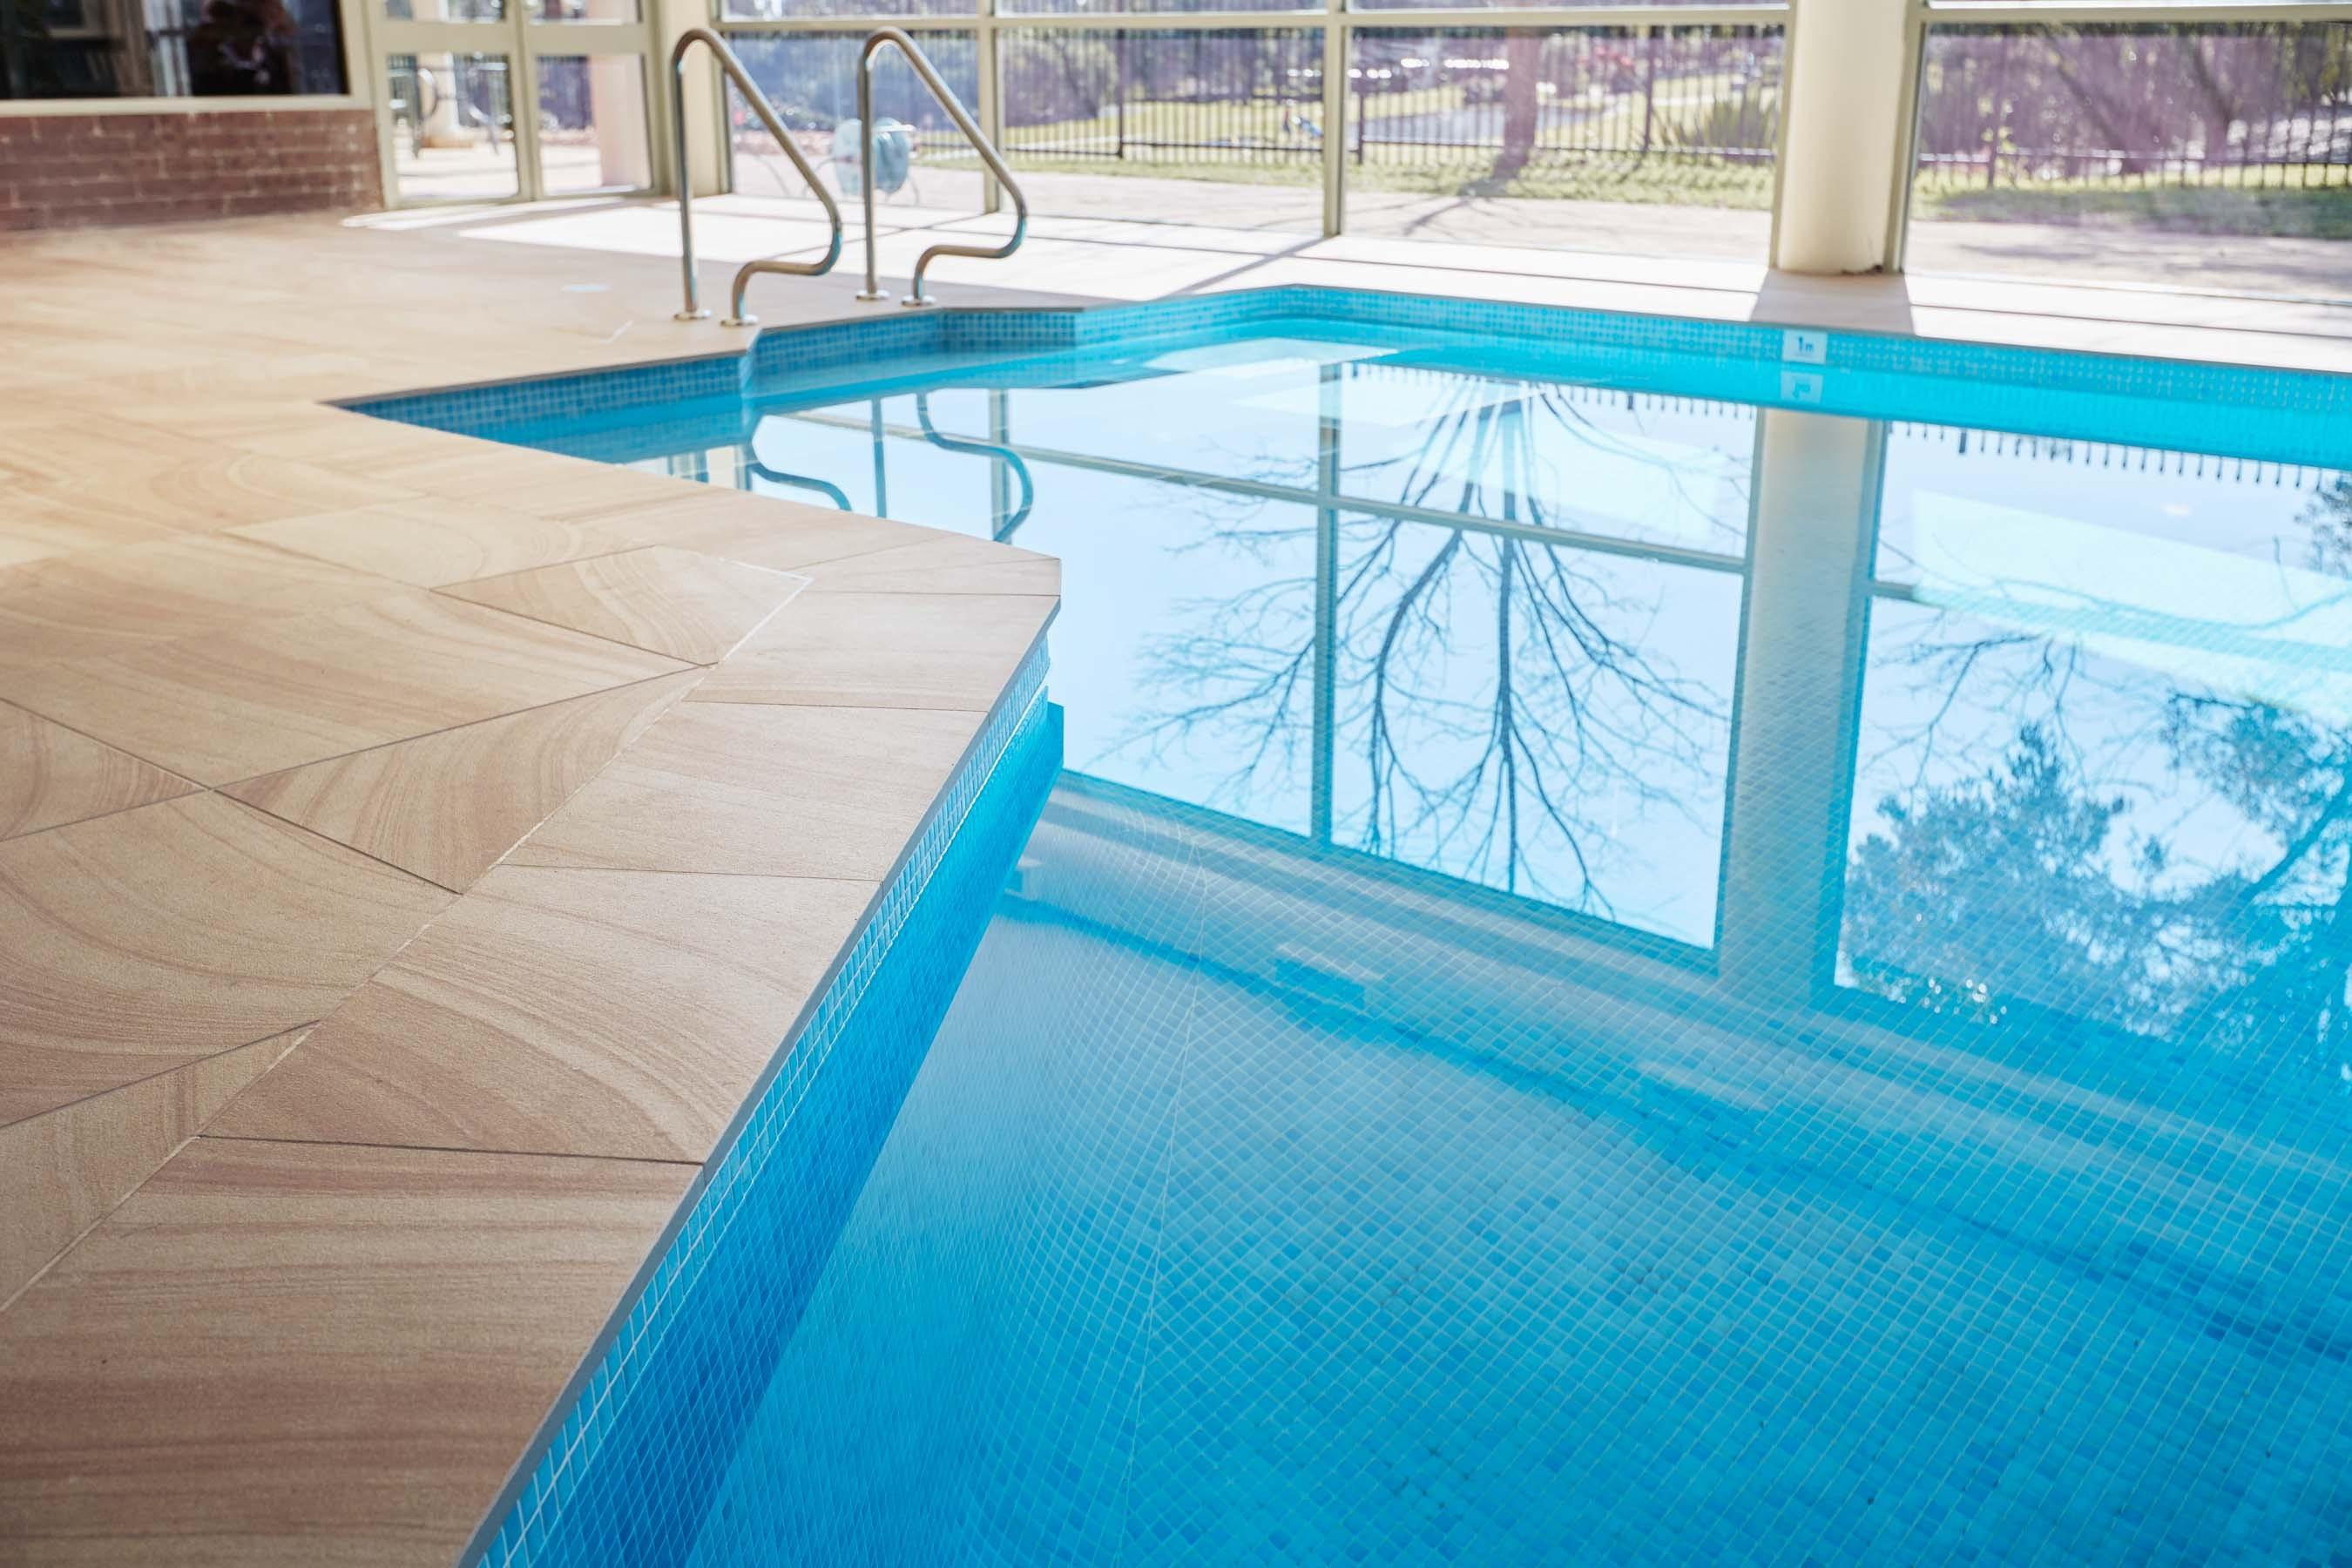 Pool-Tiles Gallery Niebla caribe-03